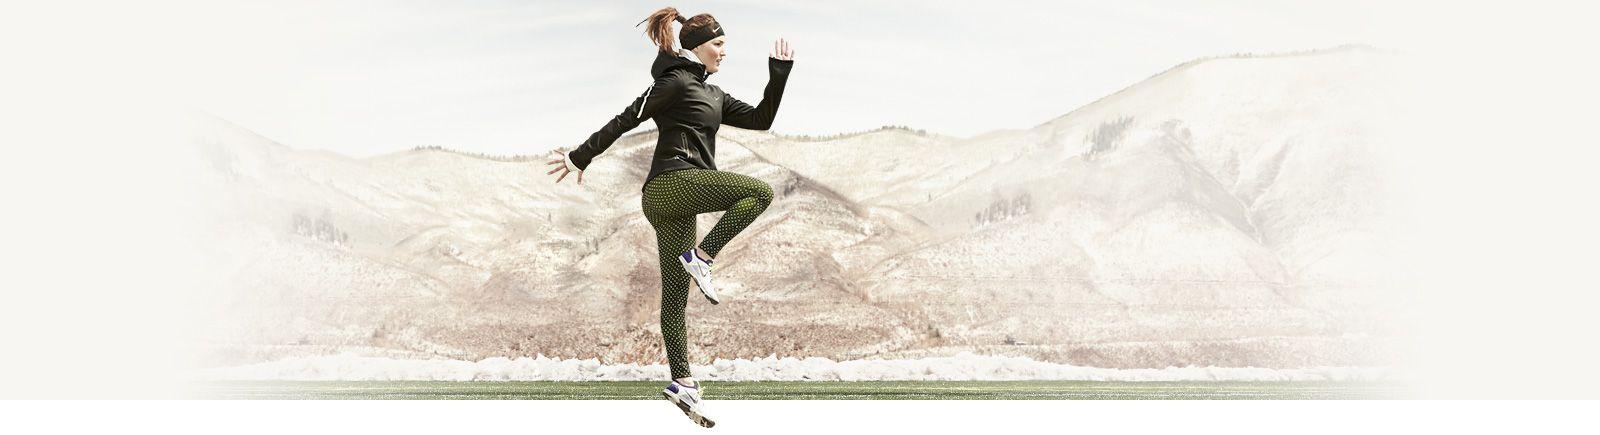 Spencer Nike